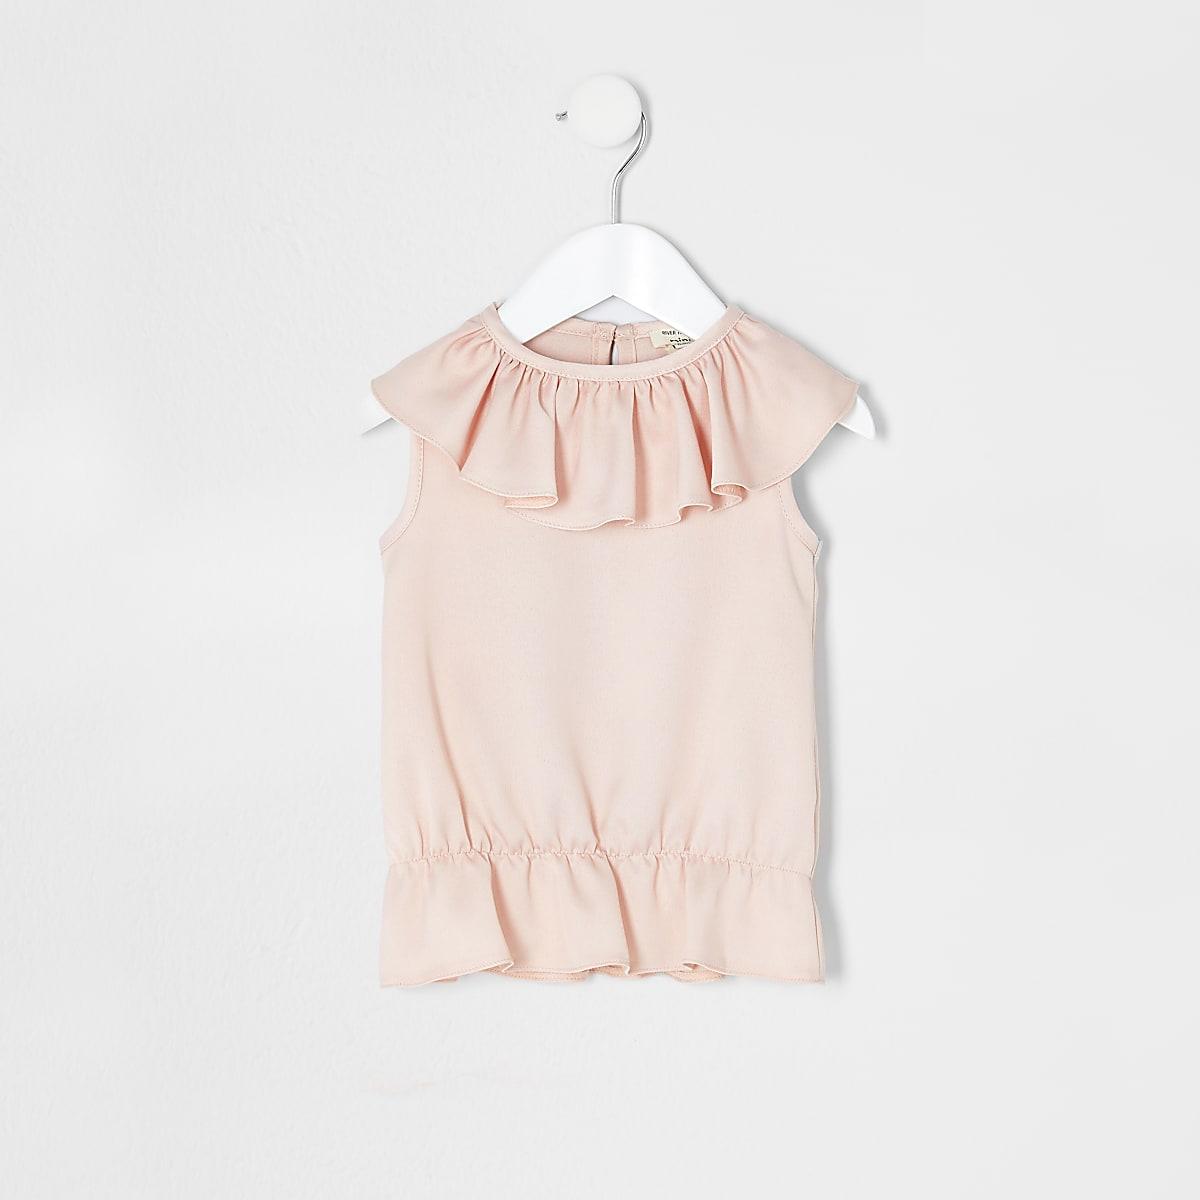 Pinkes Oberteil mit Rüschen